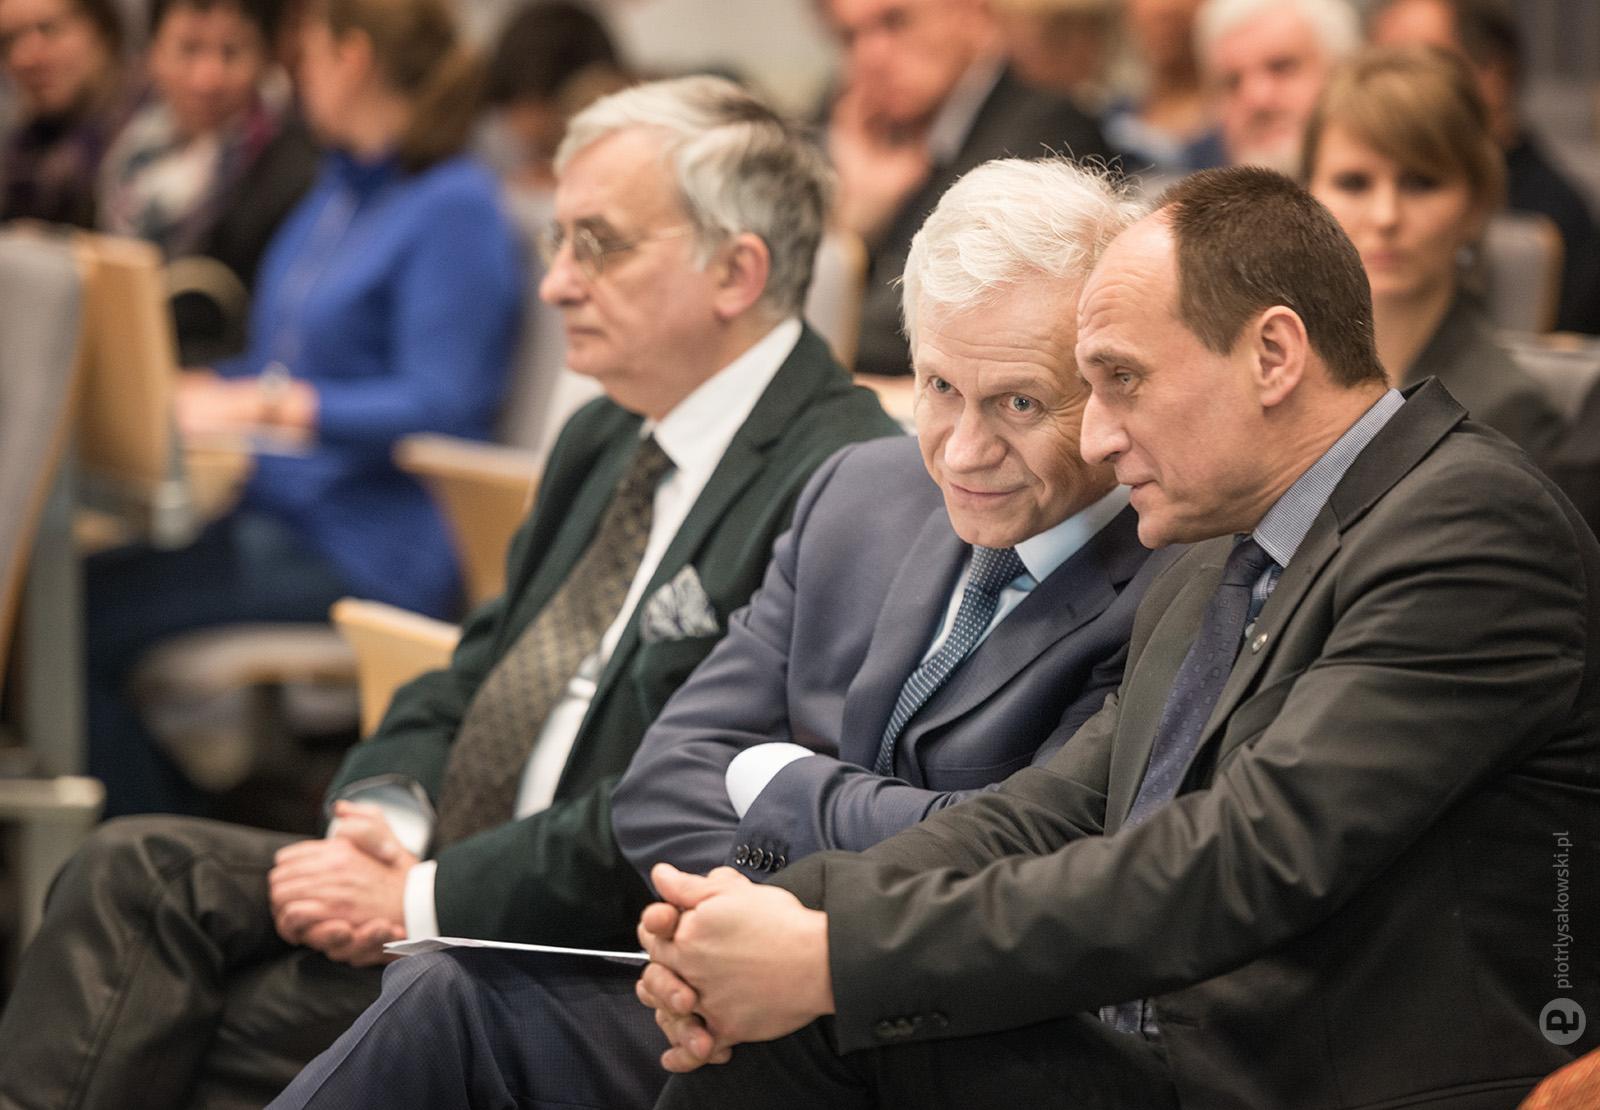 Chrześcijański Kongres Społeczny - Piotr Łysakowski - www.piotrlysakowski.pl/